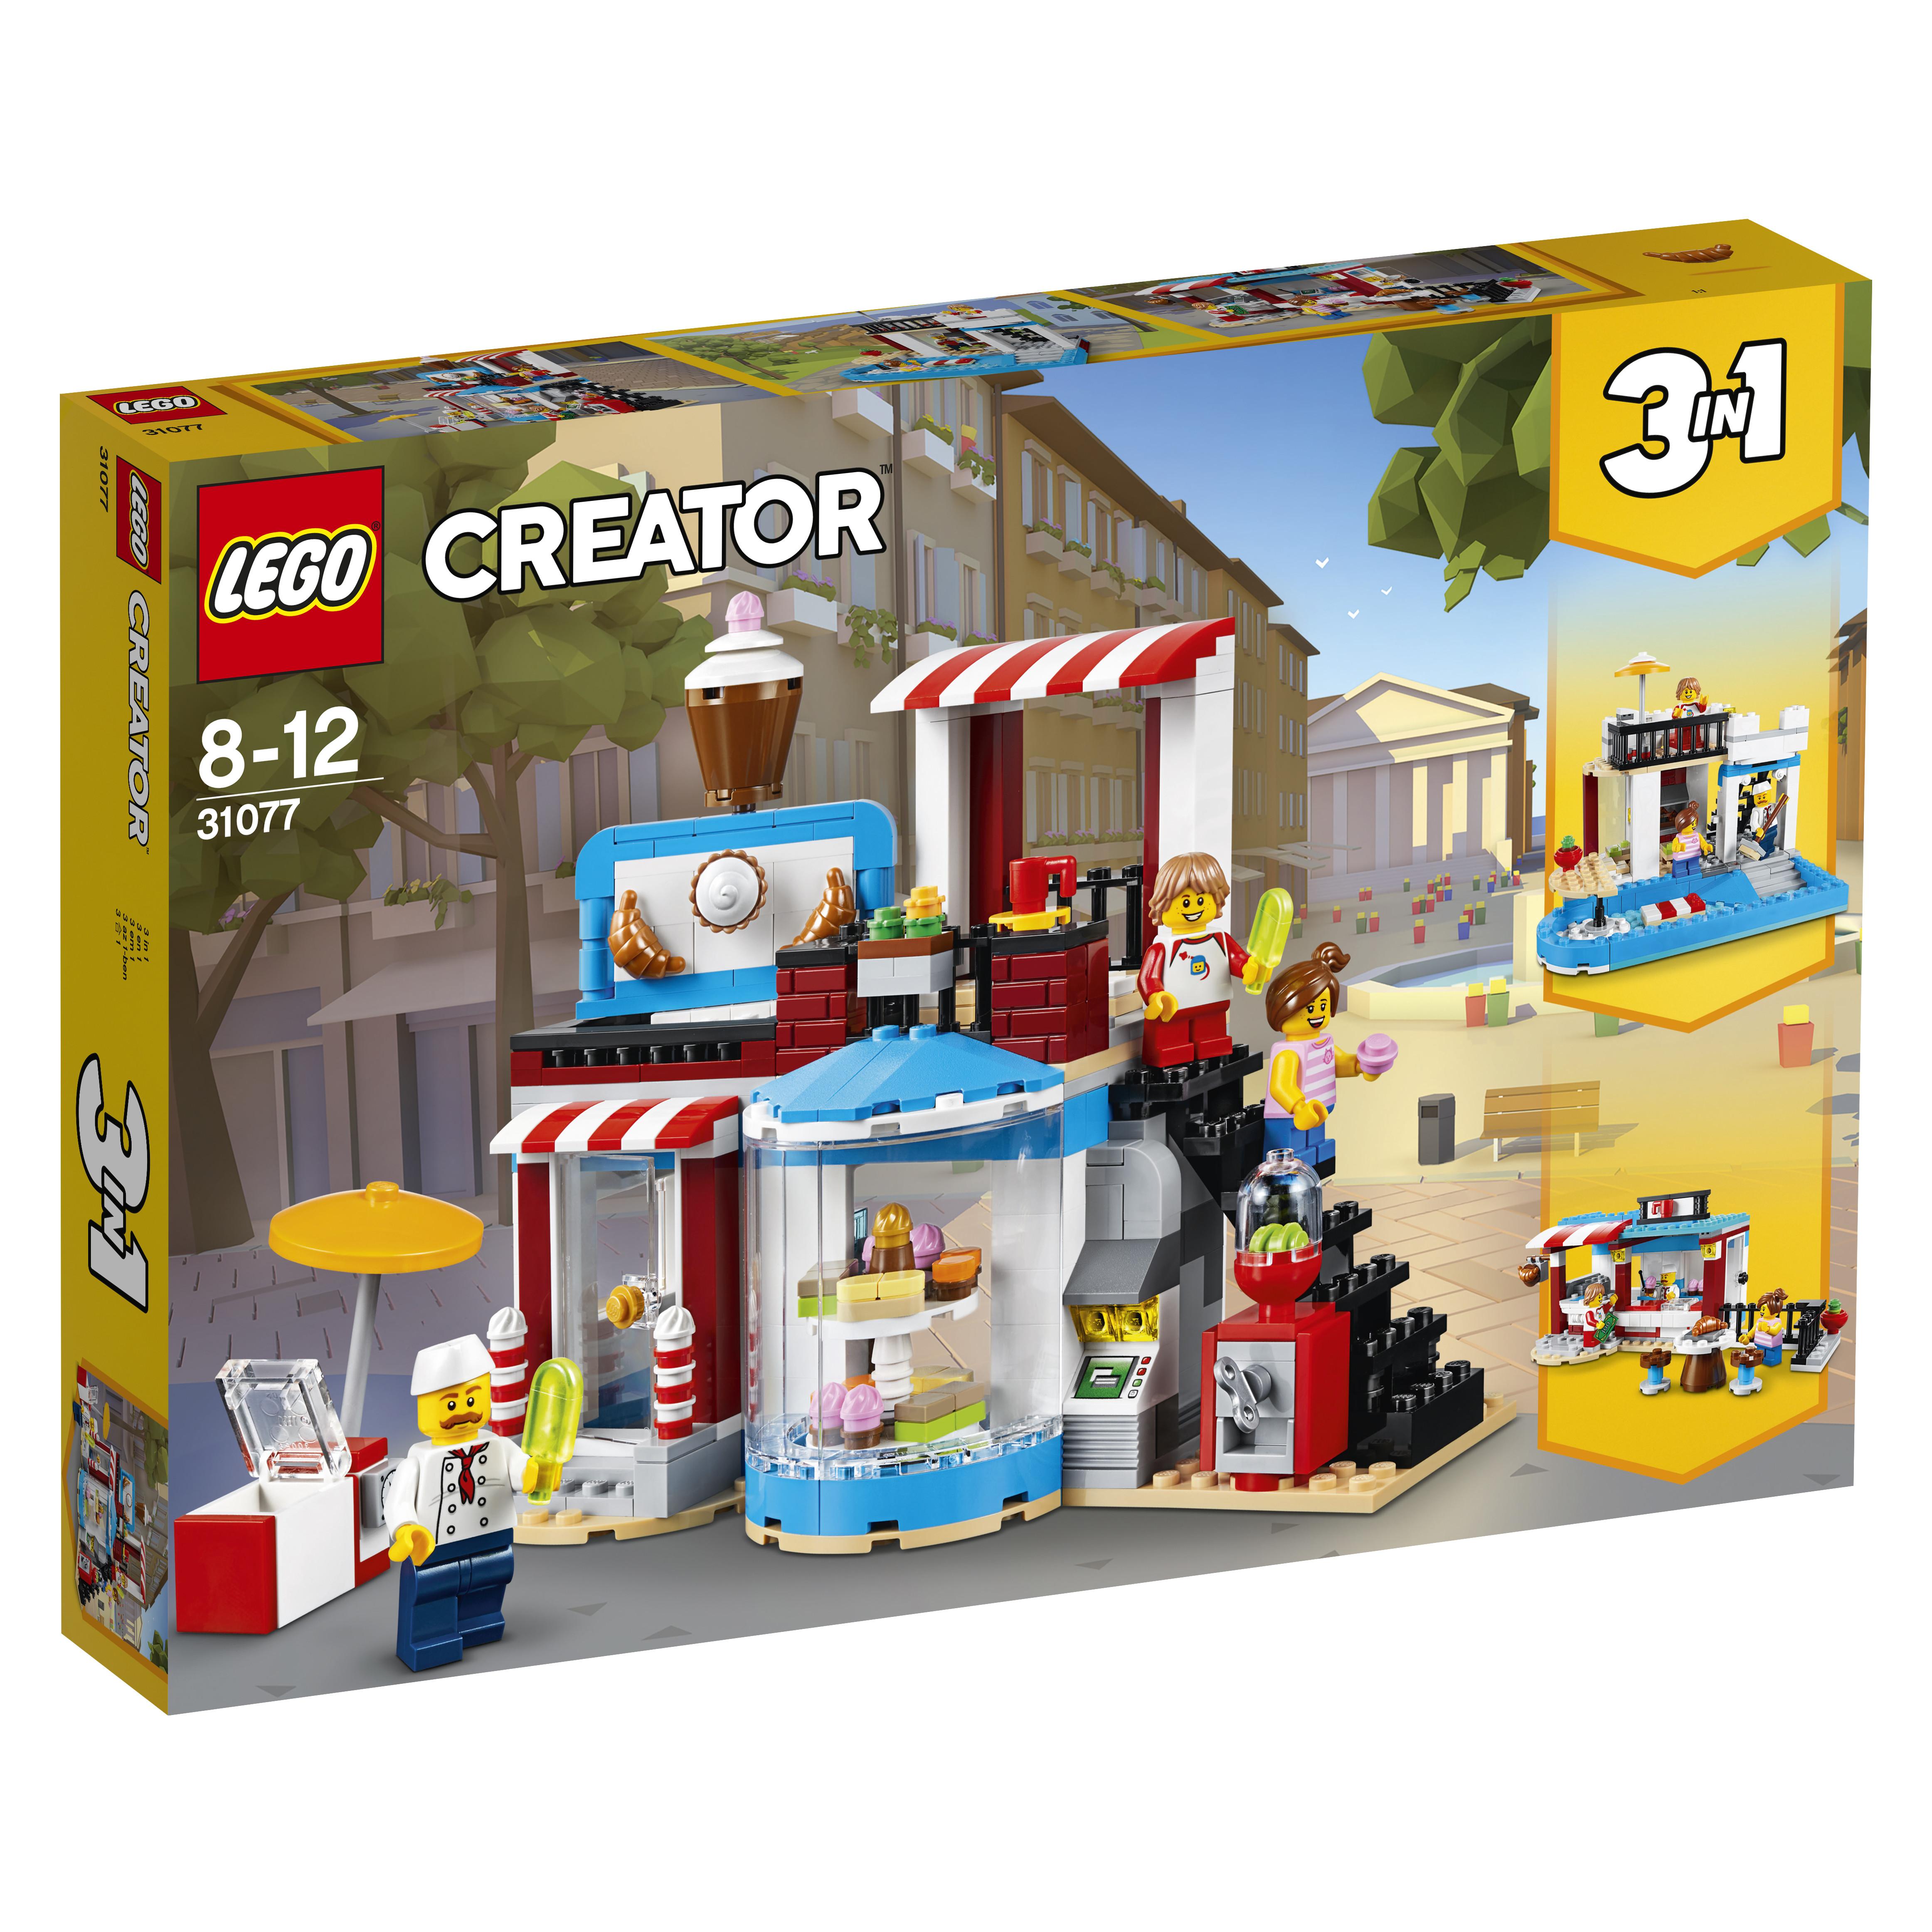 Конструктор LEGO Creator 31077 Модульные сборка: приятные сюрпризы